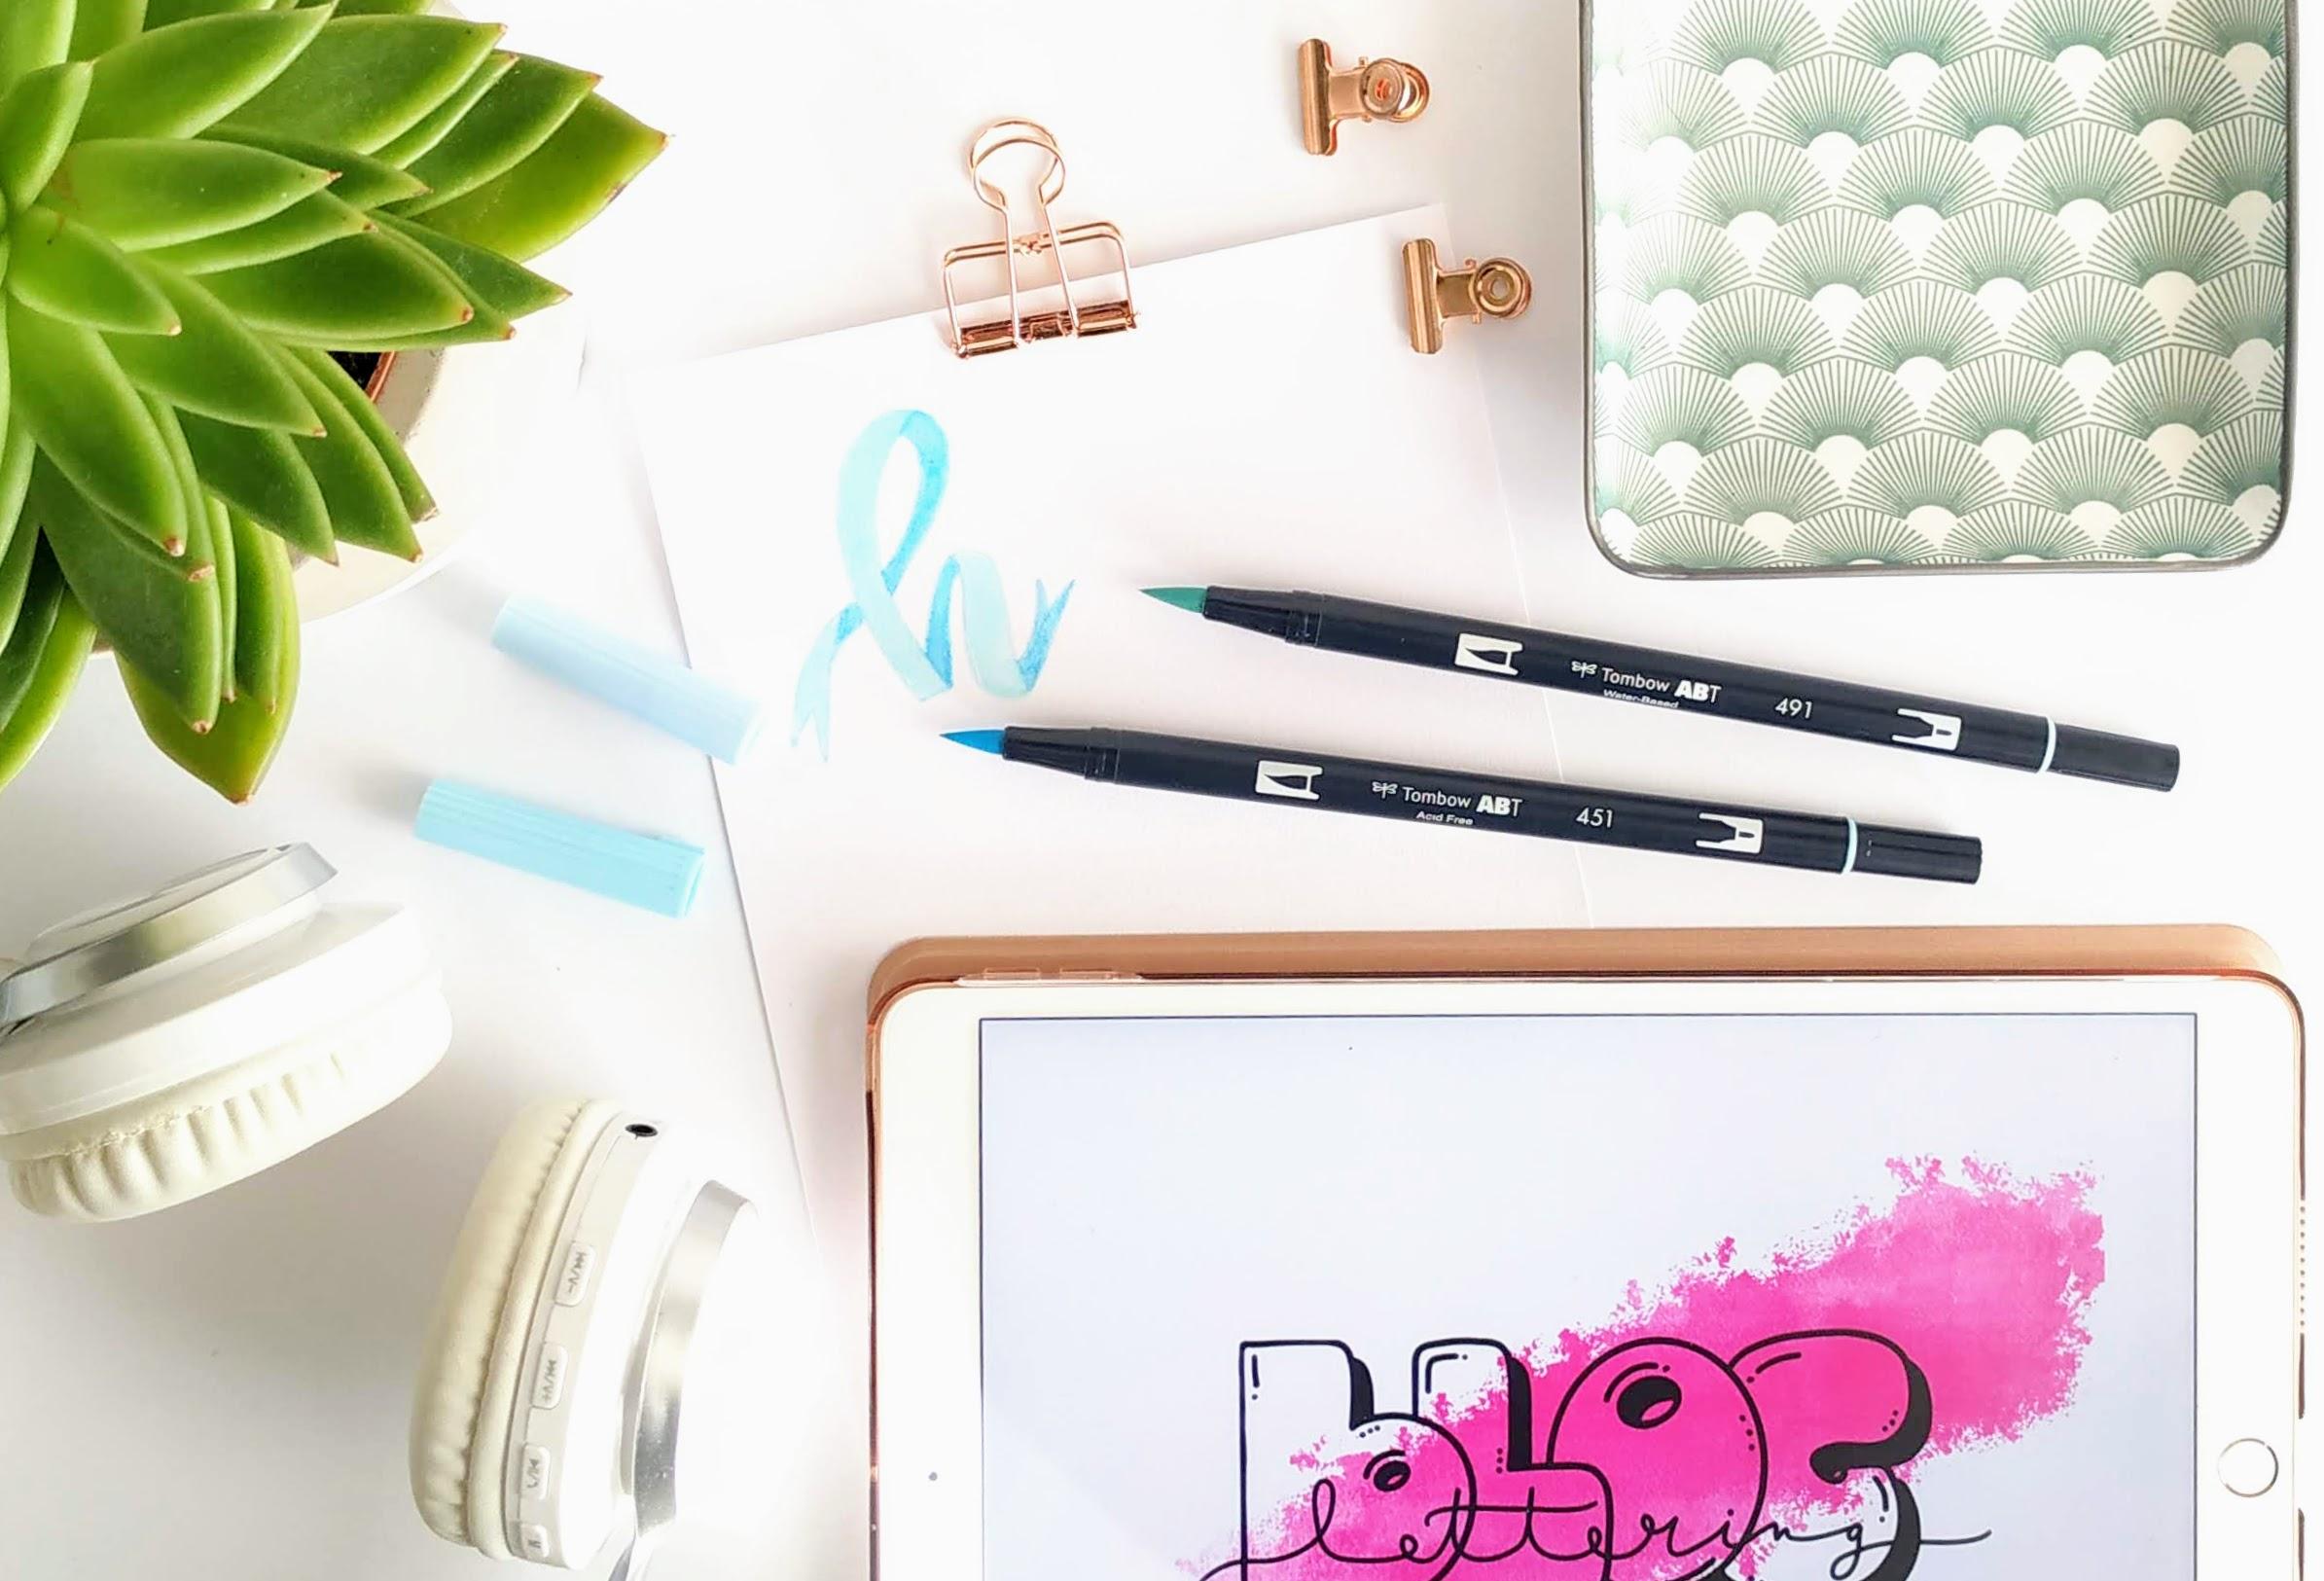 Komposition von iPad für das digitale Lettering und klassischen Brushpens auf Papier